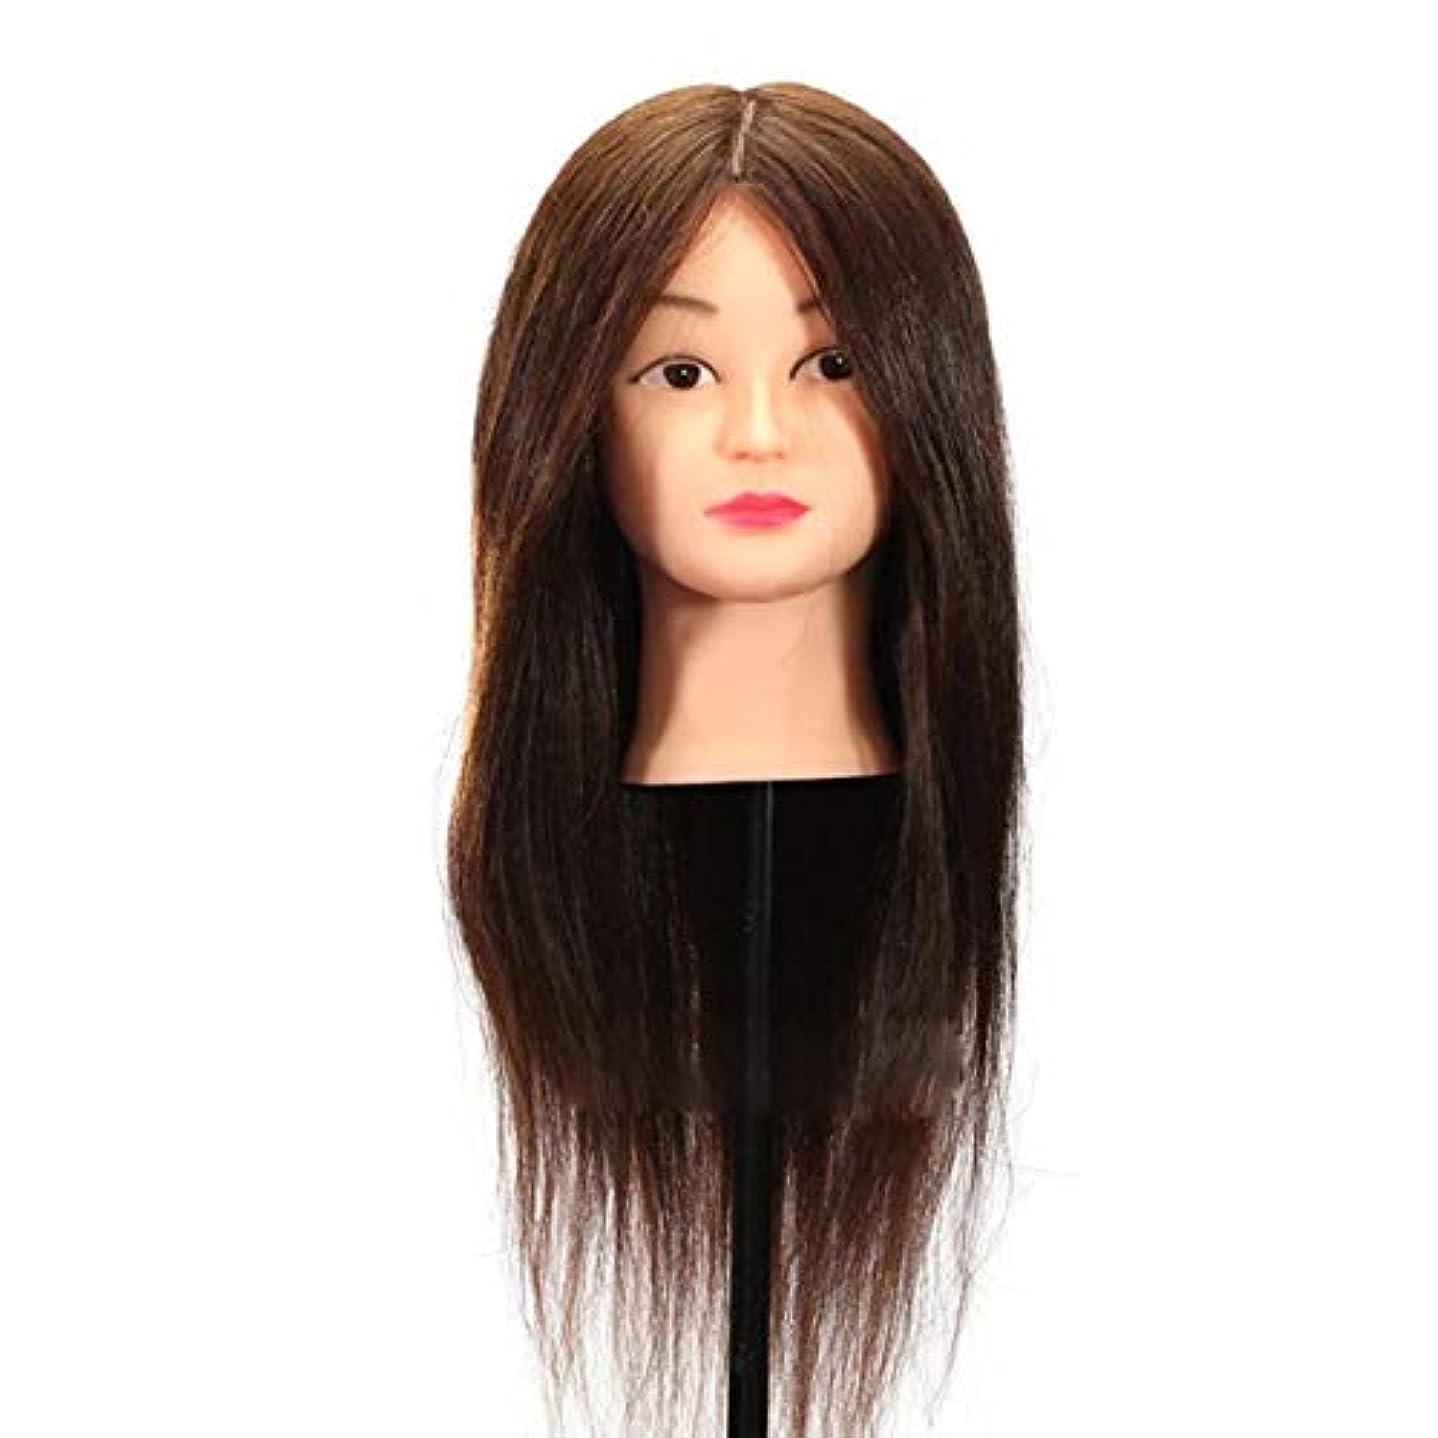 爆発物眉をひそめるプレゼンヘアマネキンヘッド練習ディスク髪編組ヘッドモデル理髪店学校教育かつらヘッドバンドブラケット